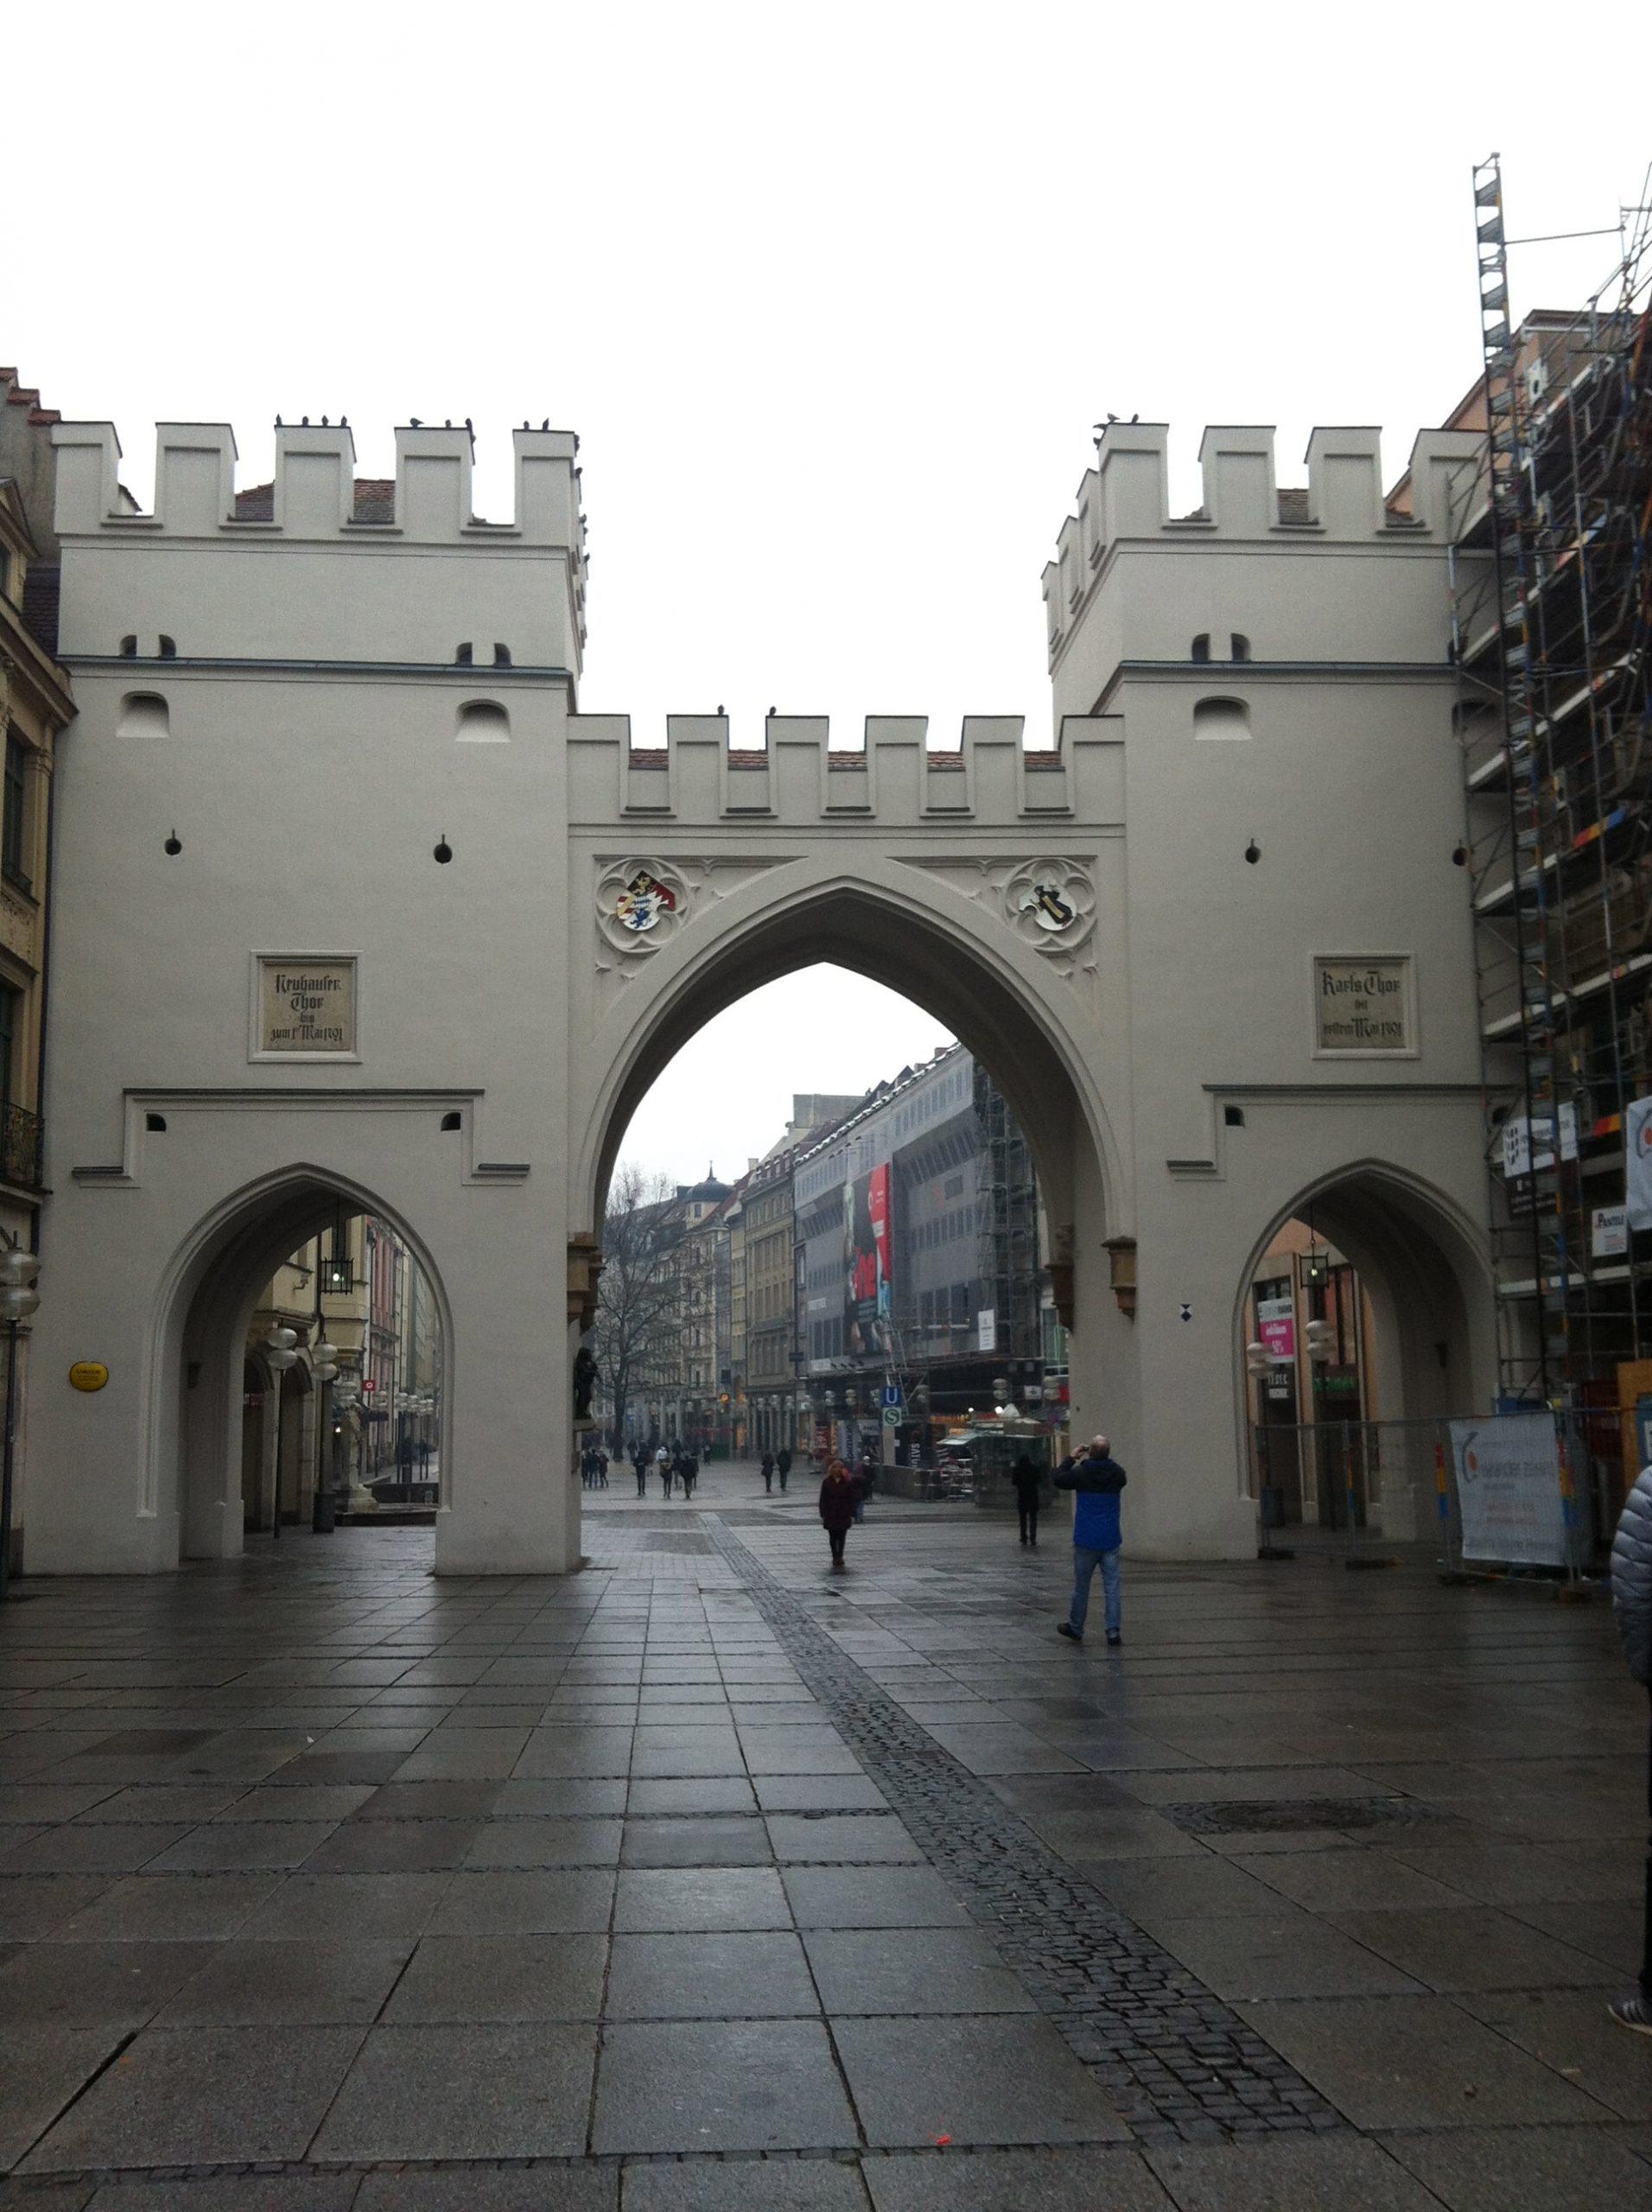 Puerta Karlstor. Puerta de entrada casco antiguo